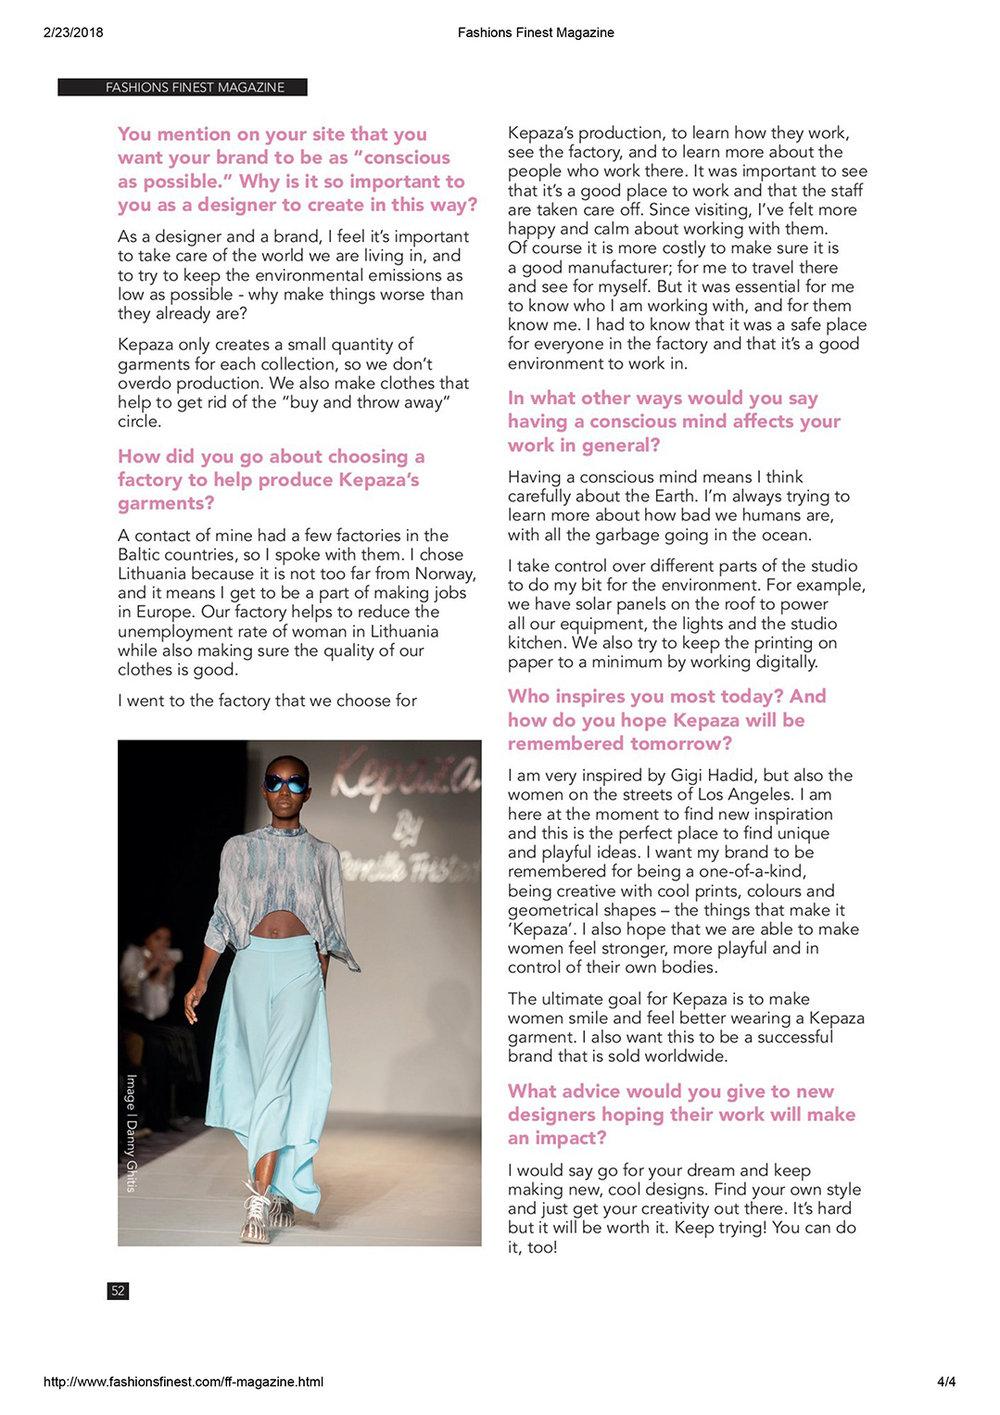 1Fashions Finest Magazine - Kepaza-4.jpg